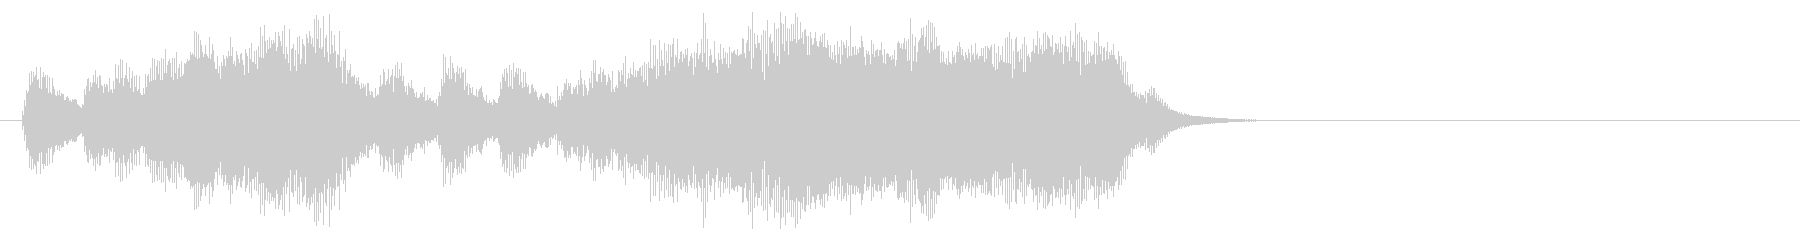 汎用09 パンパカパーン(Long)の未再生の波形